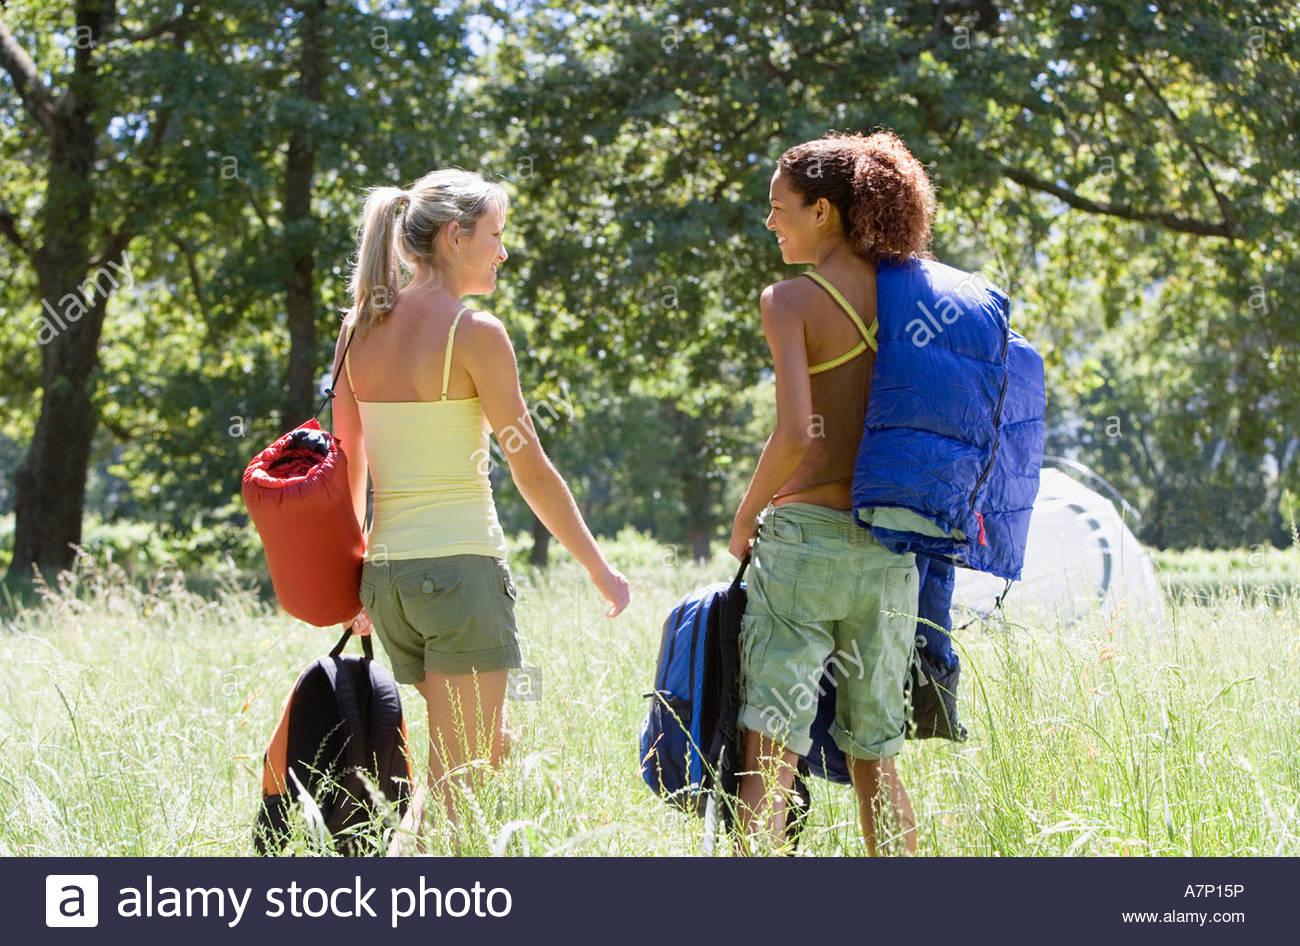 Dos mujeres jóvenes con mochilas y sacos de dormir salir de excursión en Woodland Borrar vista trasera Imagen De Stock